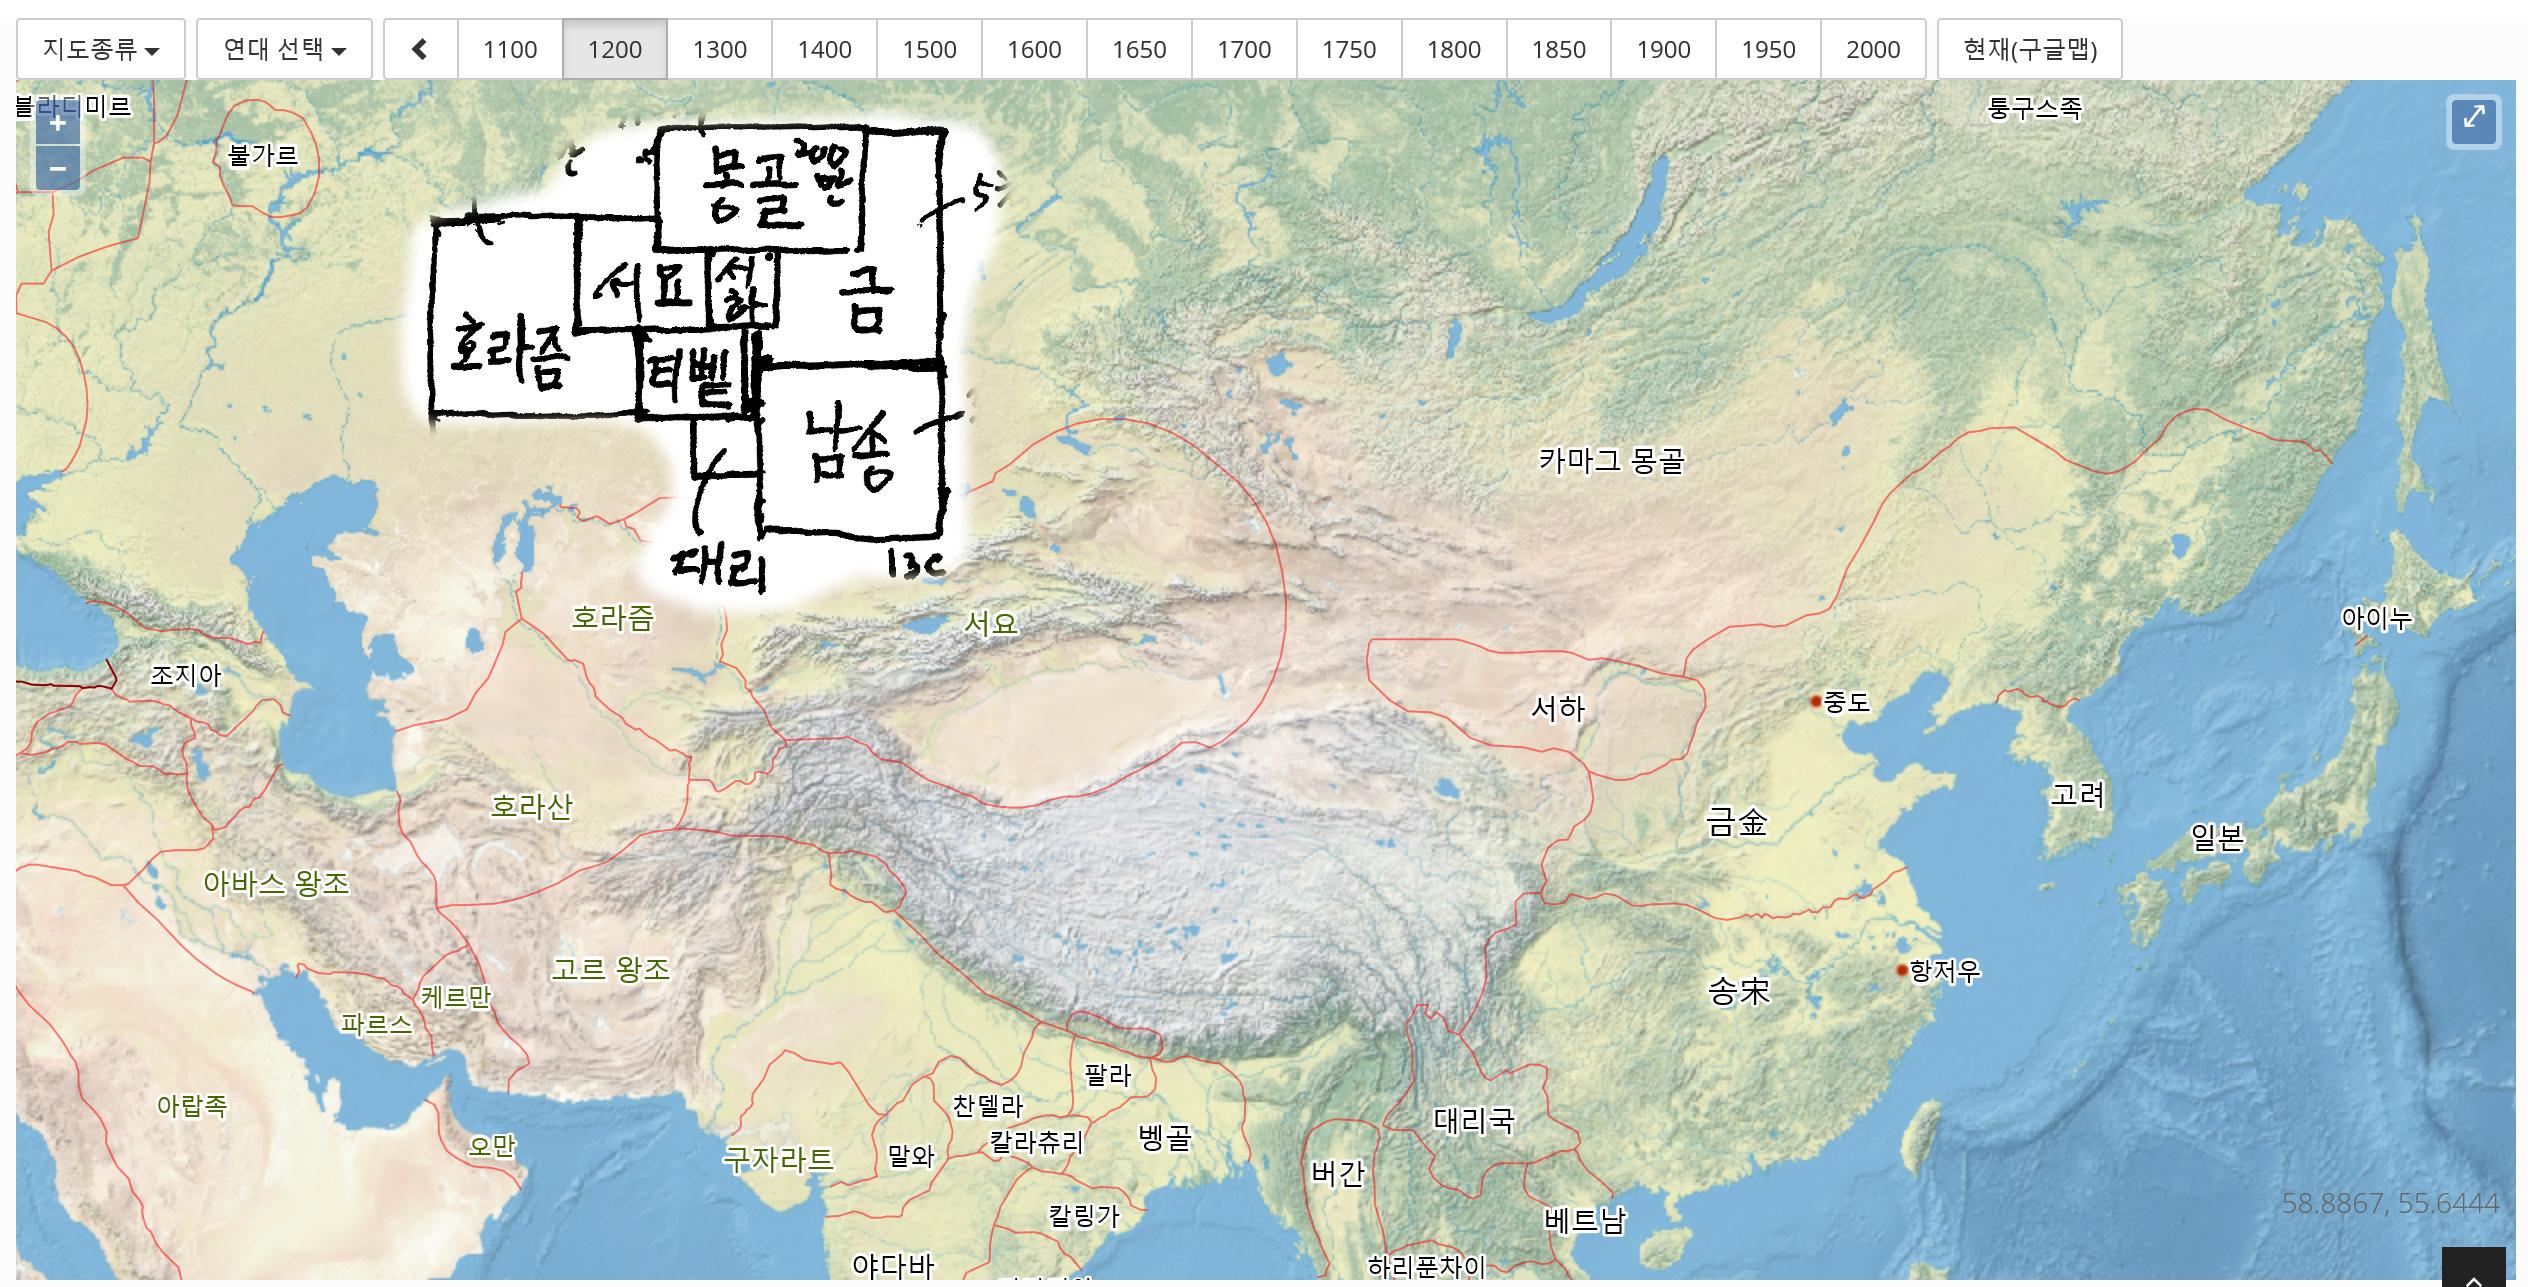 1200년-1.jpg